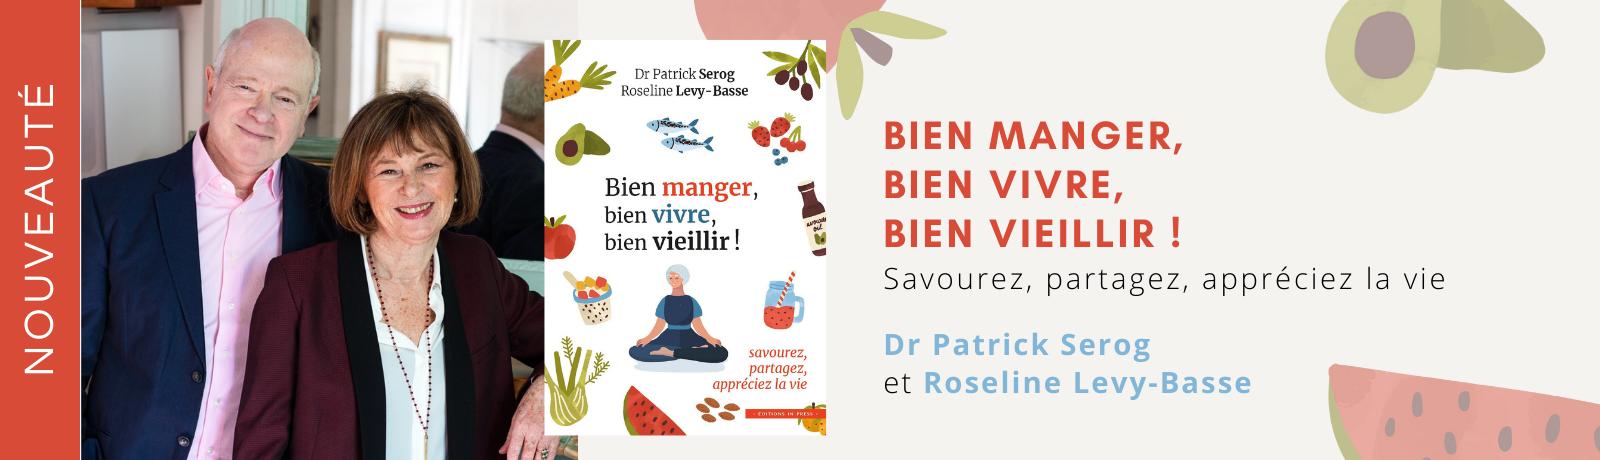 Bannières Site In Press (2) (2)